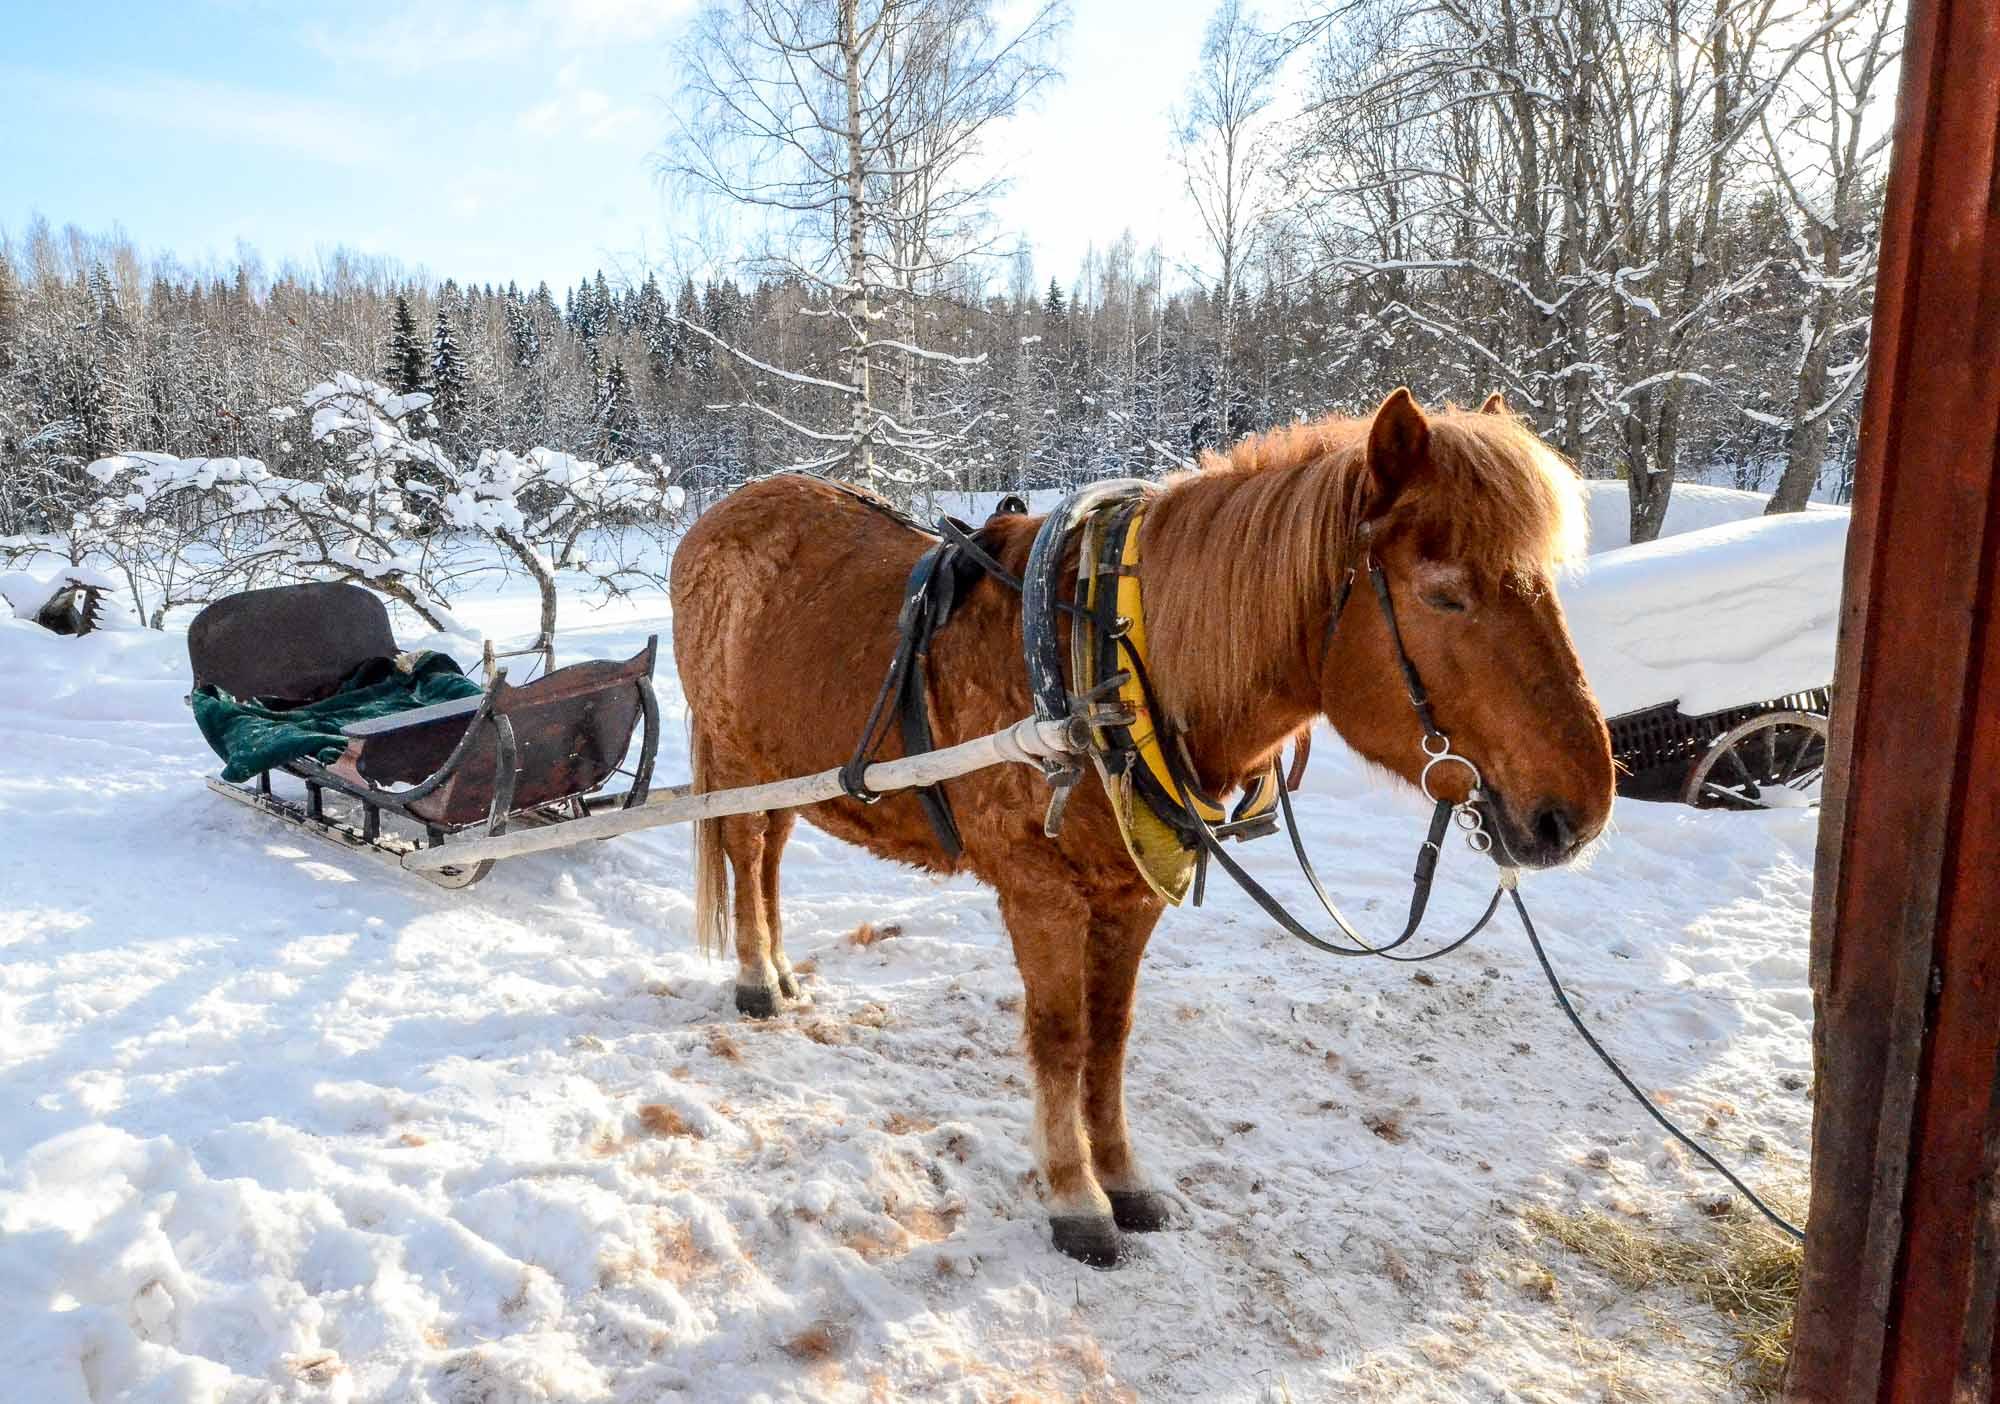 Finnhorse Miilu at Konttila, Puijo, Kuopio, Finland. Photo: Upe Nykänen